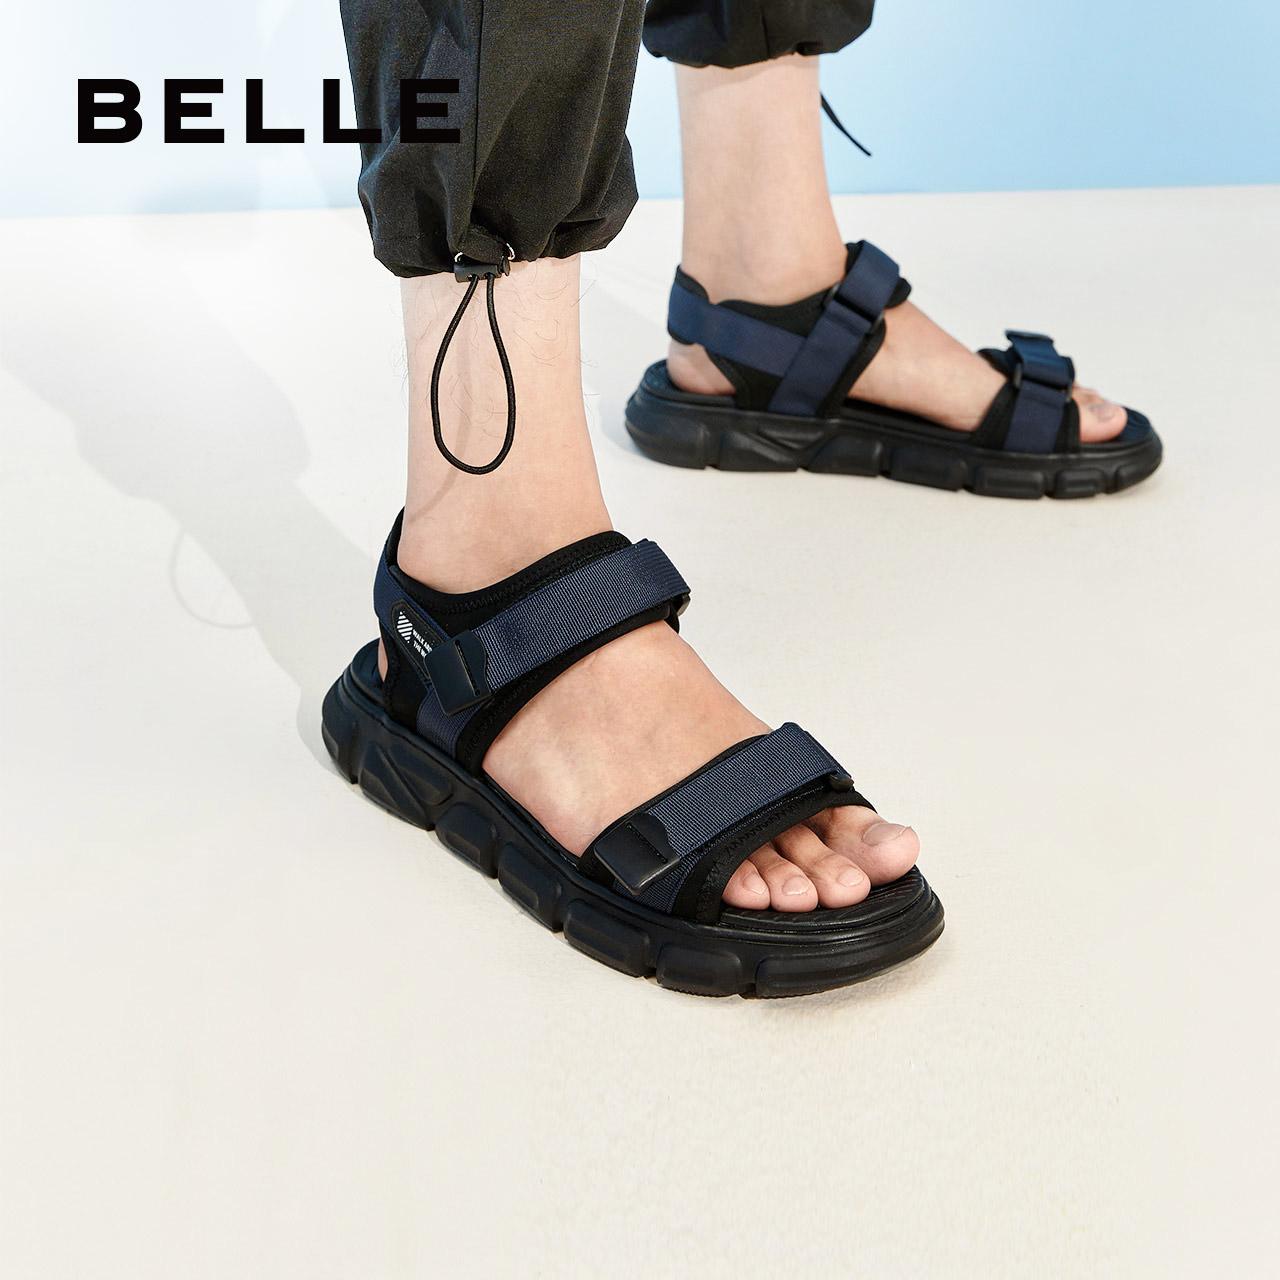 Giày thể thao nam mùa hè 2020 xu hướng mới đôi dép thể thao mang giày đế dày đi biển thắt lưng ma thuật 12502BL9 - Sandal